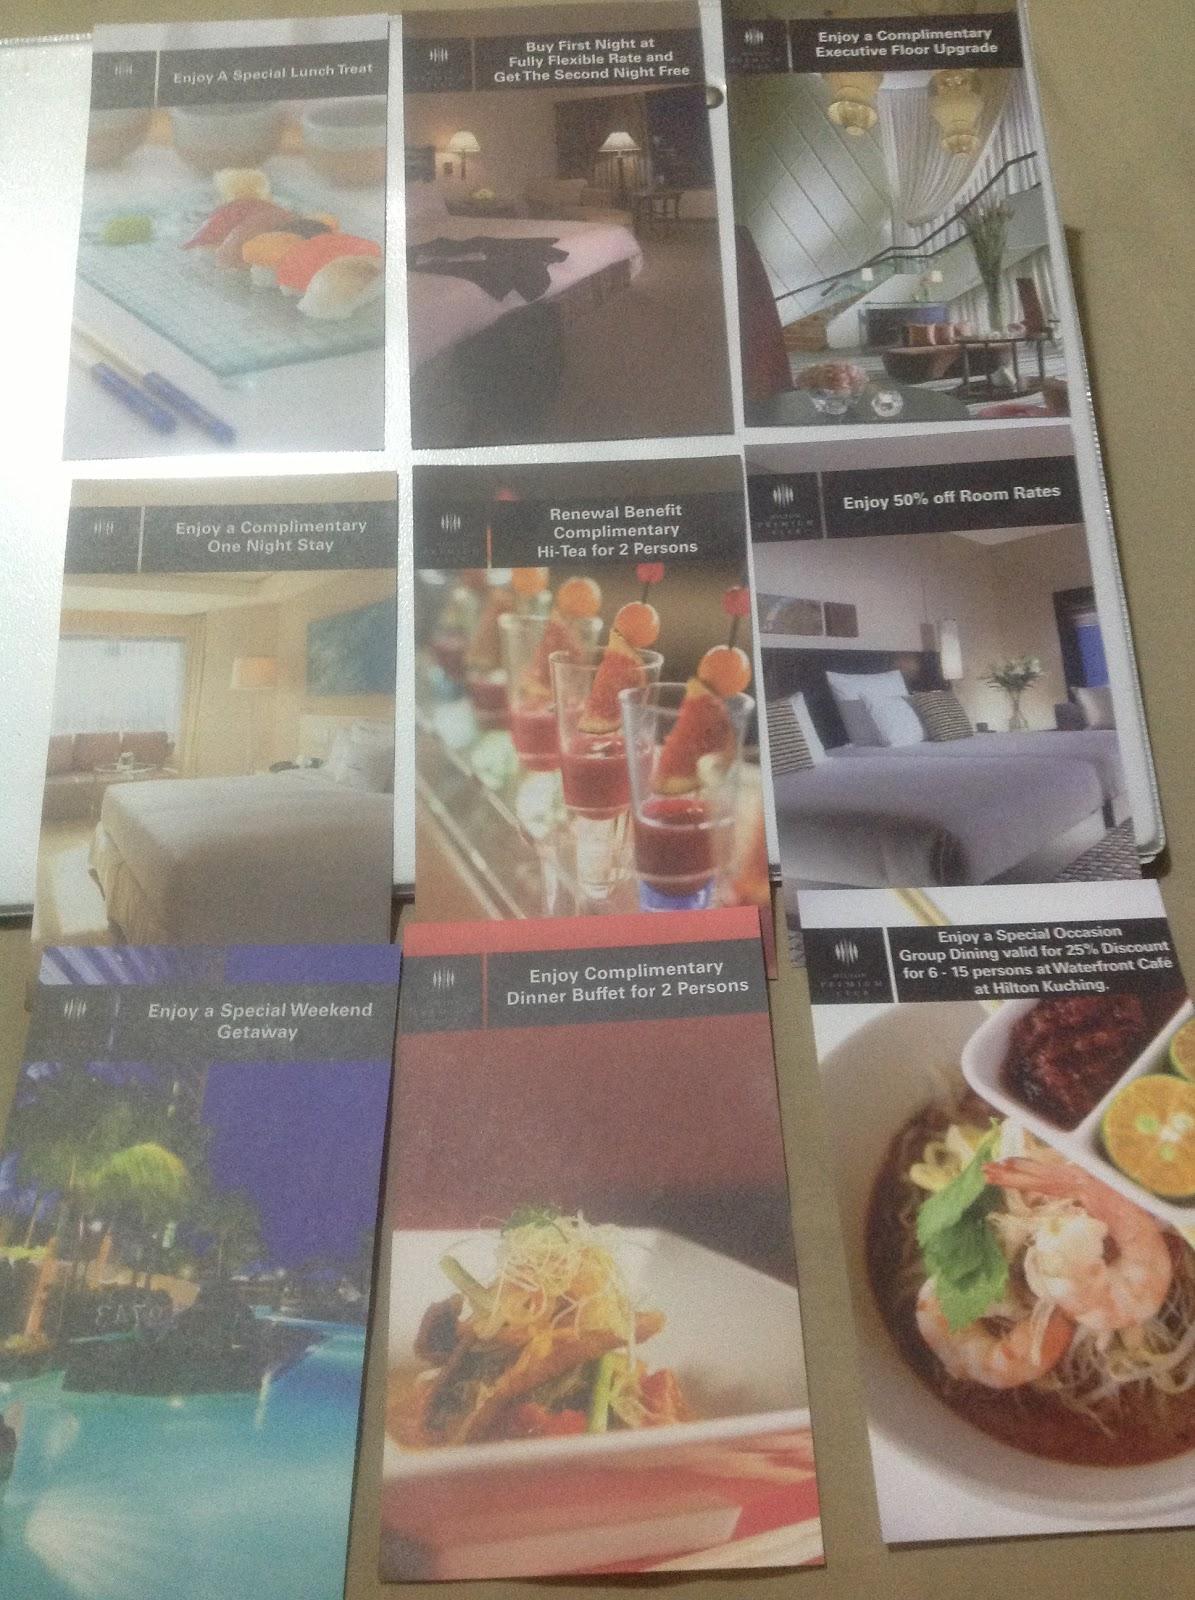 BFF RAMBLINGS: Hilton Premium Club